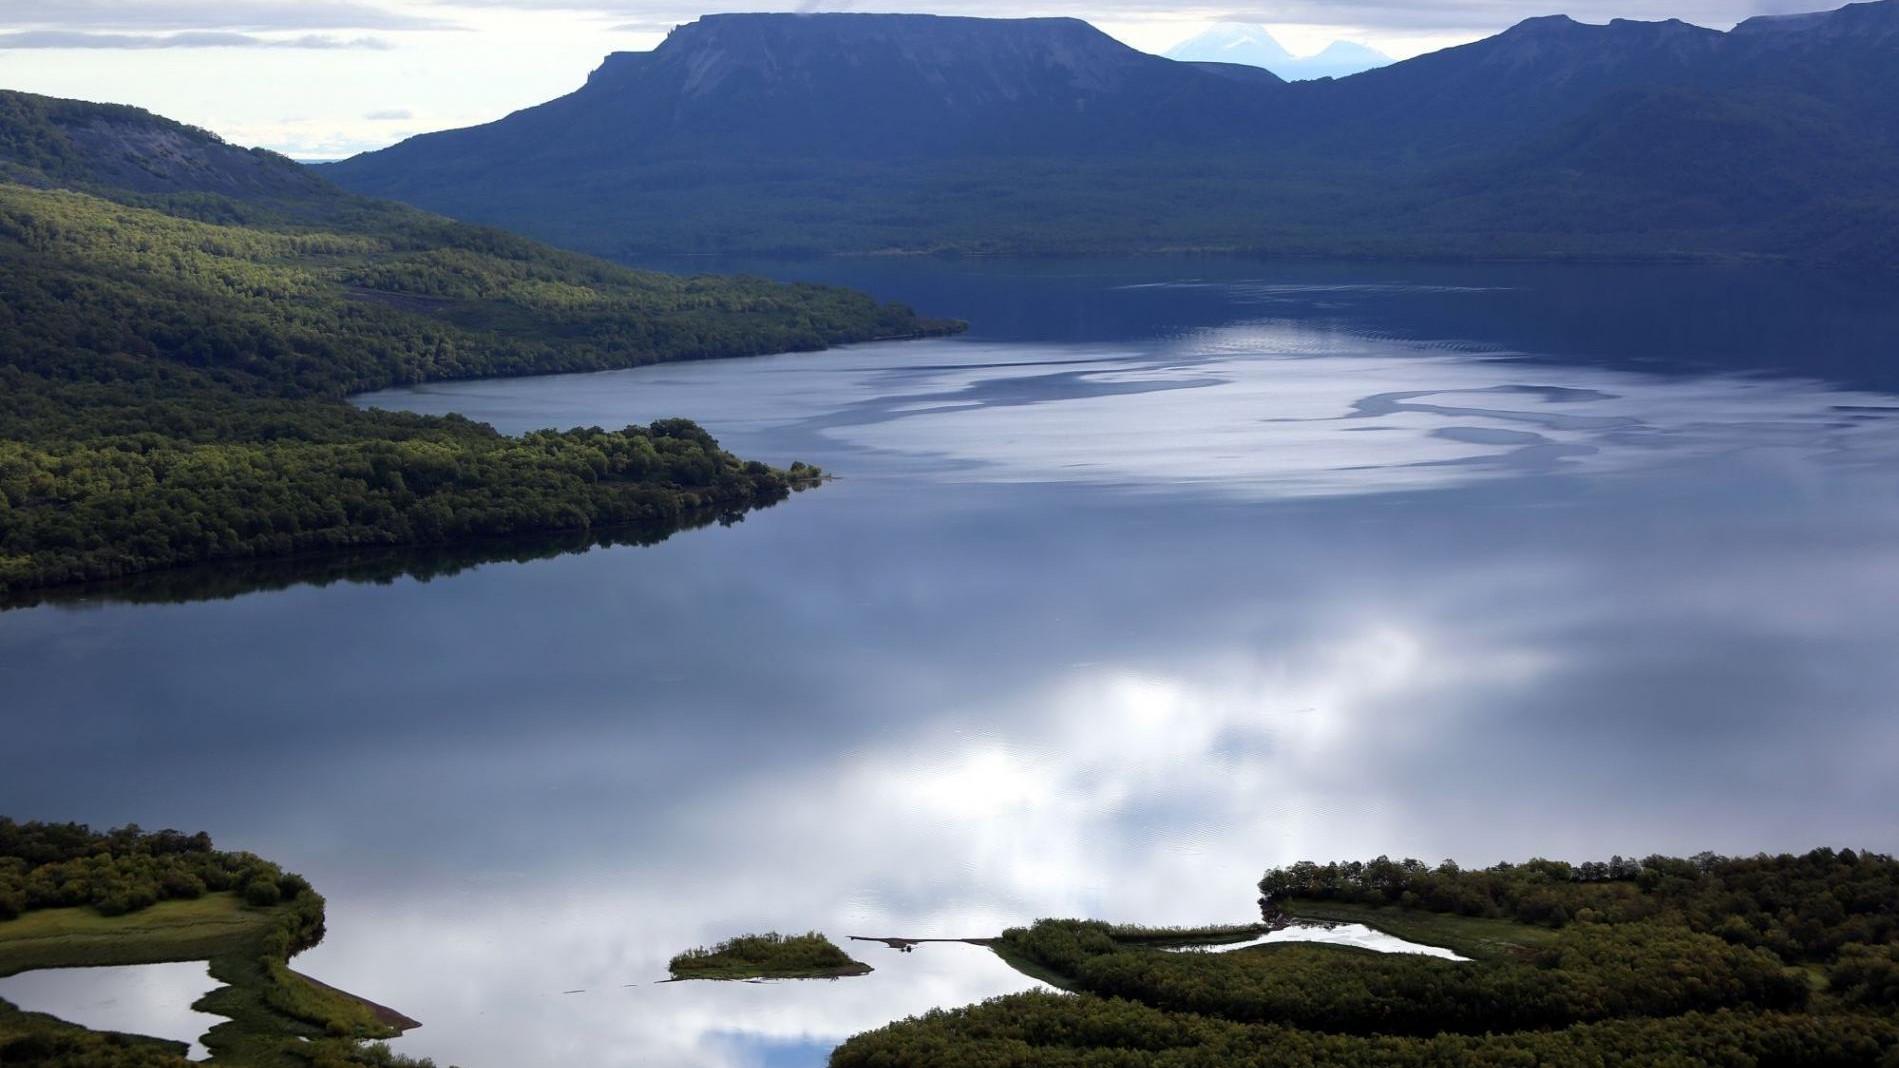 Dvukhyurtochnoye Lake